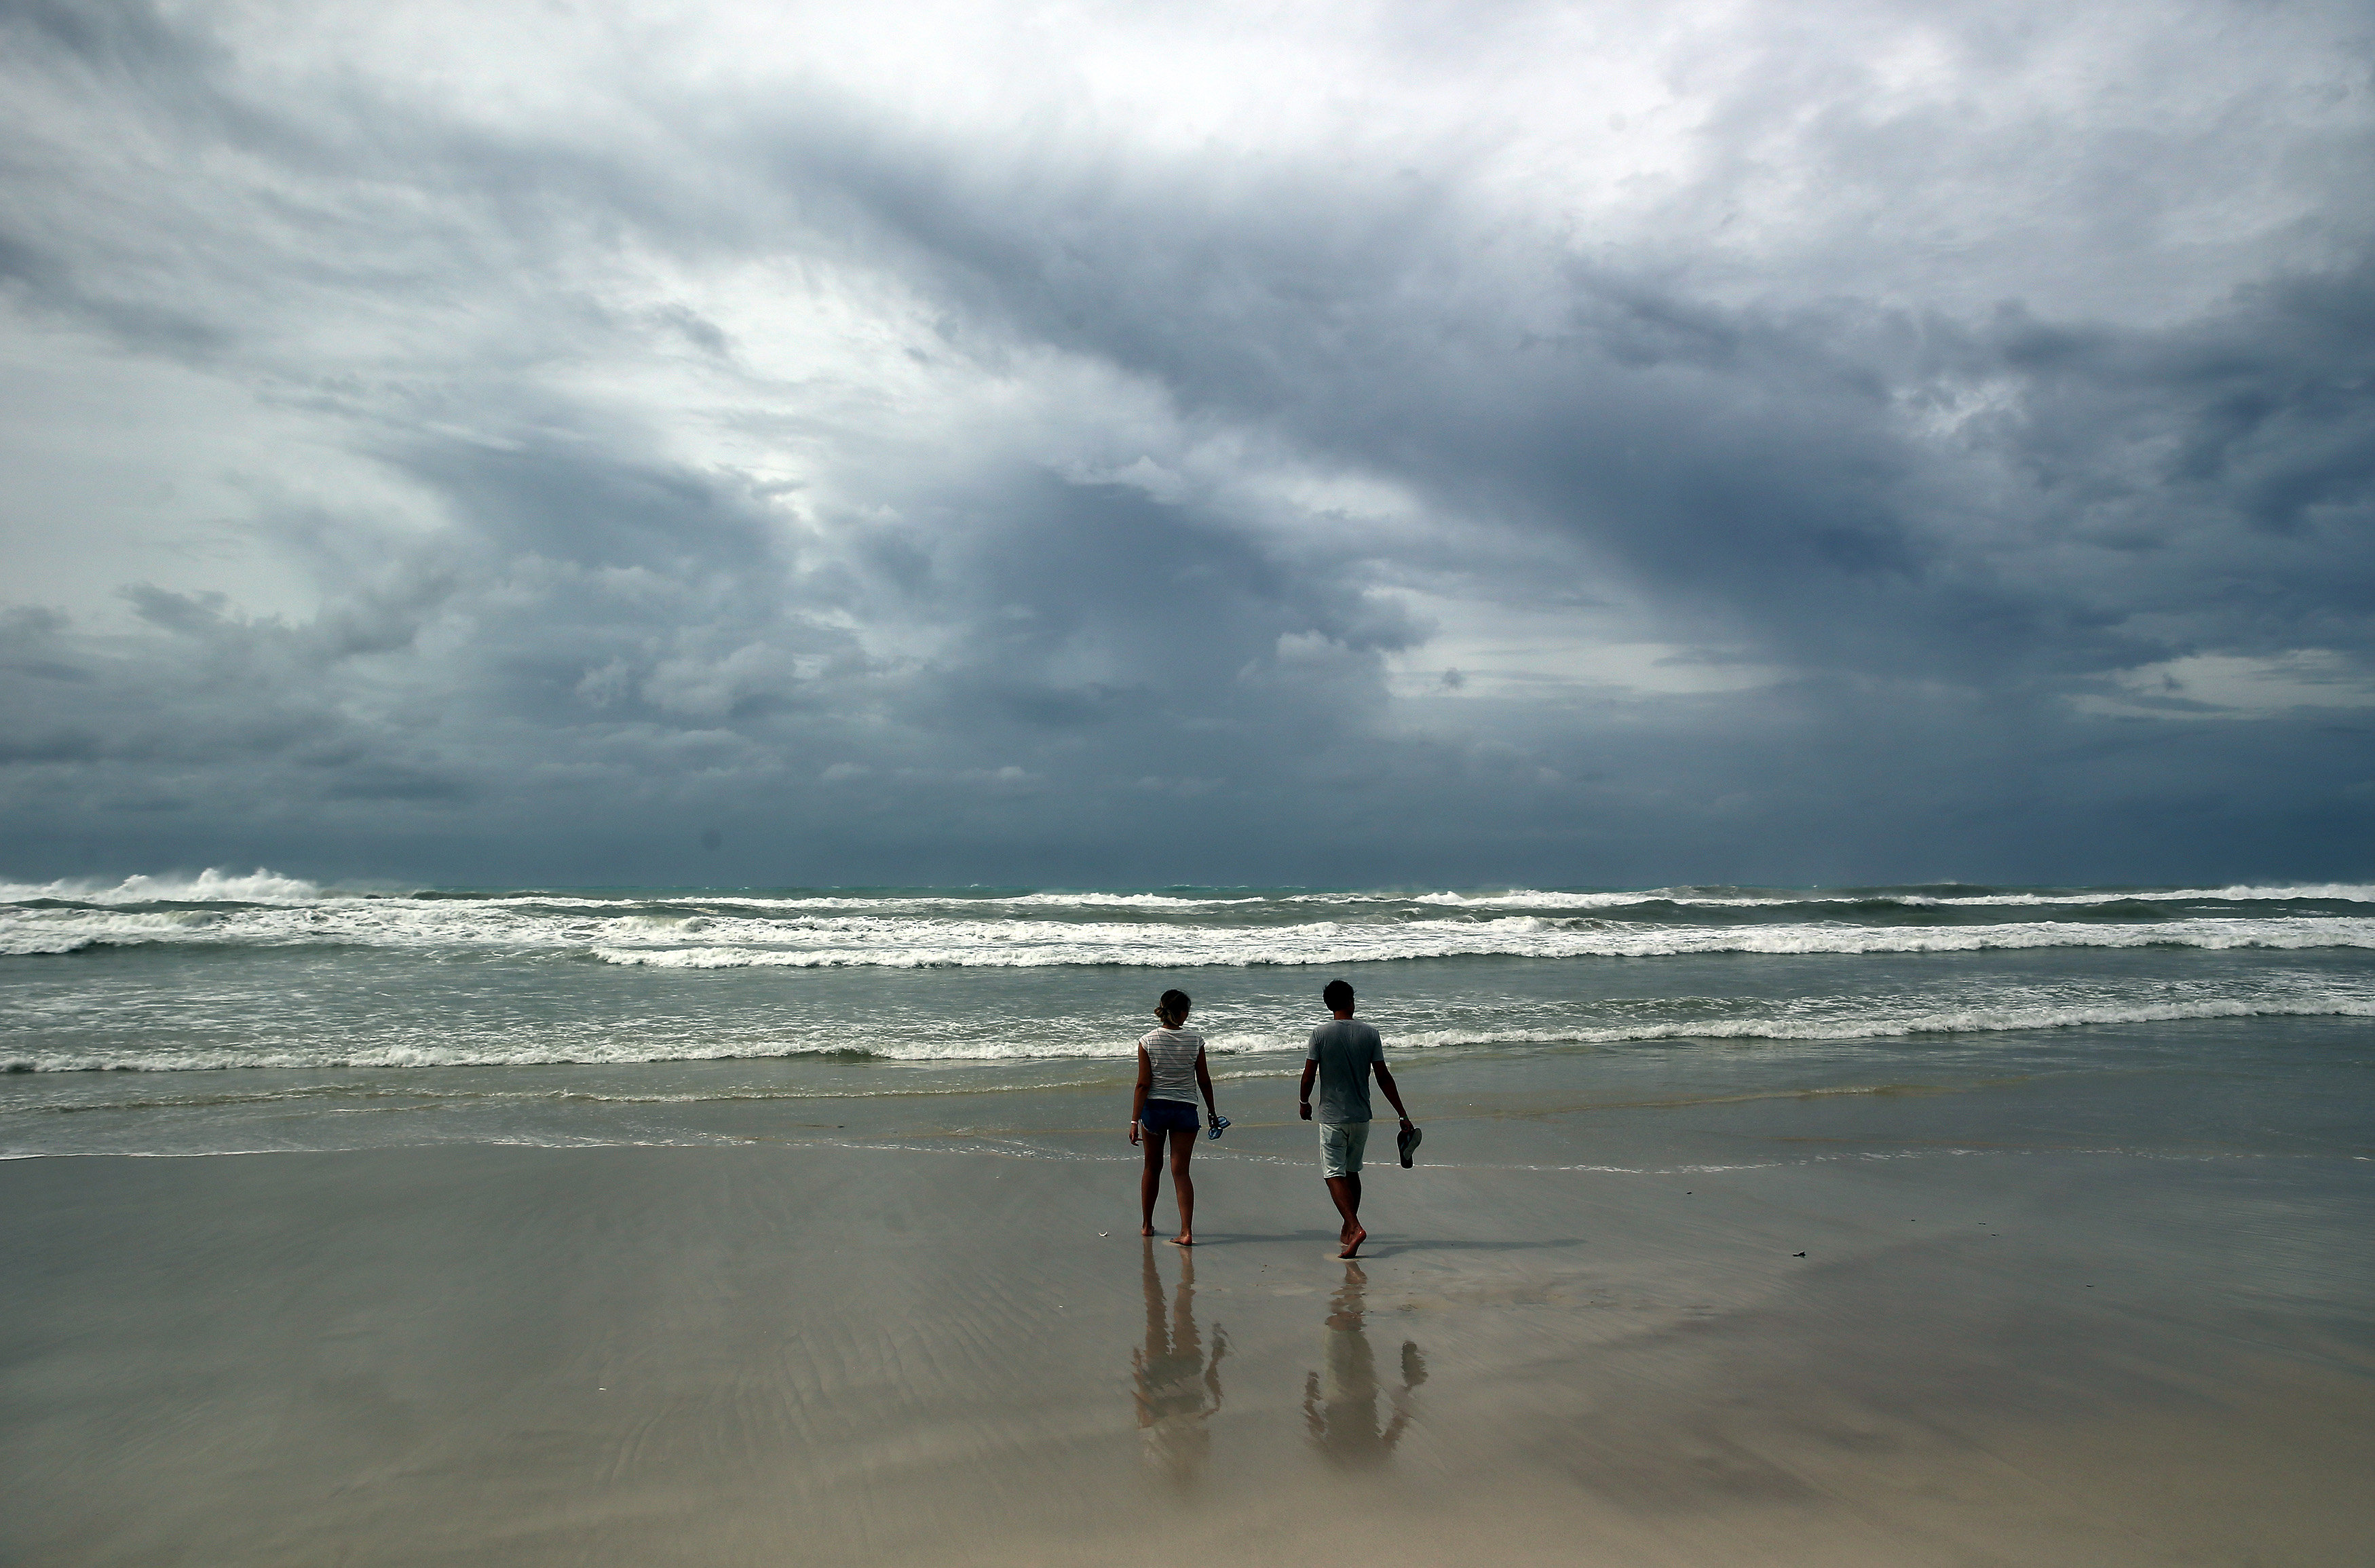 Una parella camina per la platja de Varadero (Cuba) un dia després del pas de l'huracà Irma per Cuba. /ALEJANDRO ERNESTO